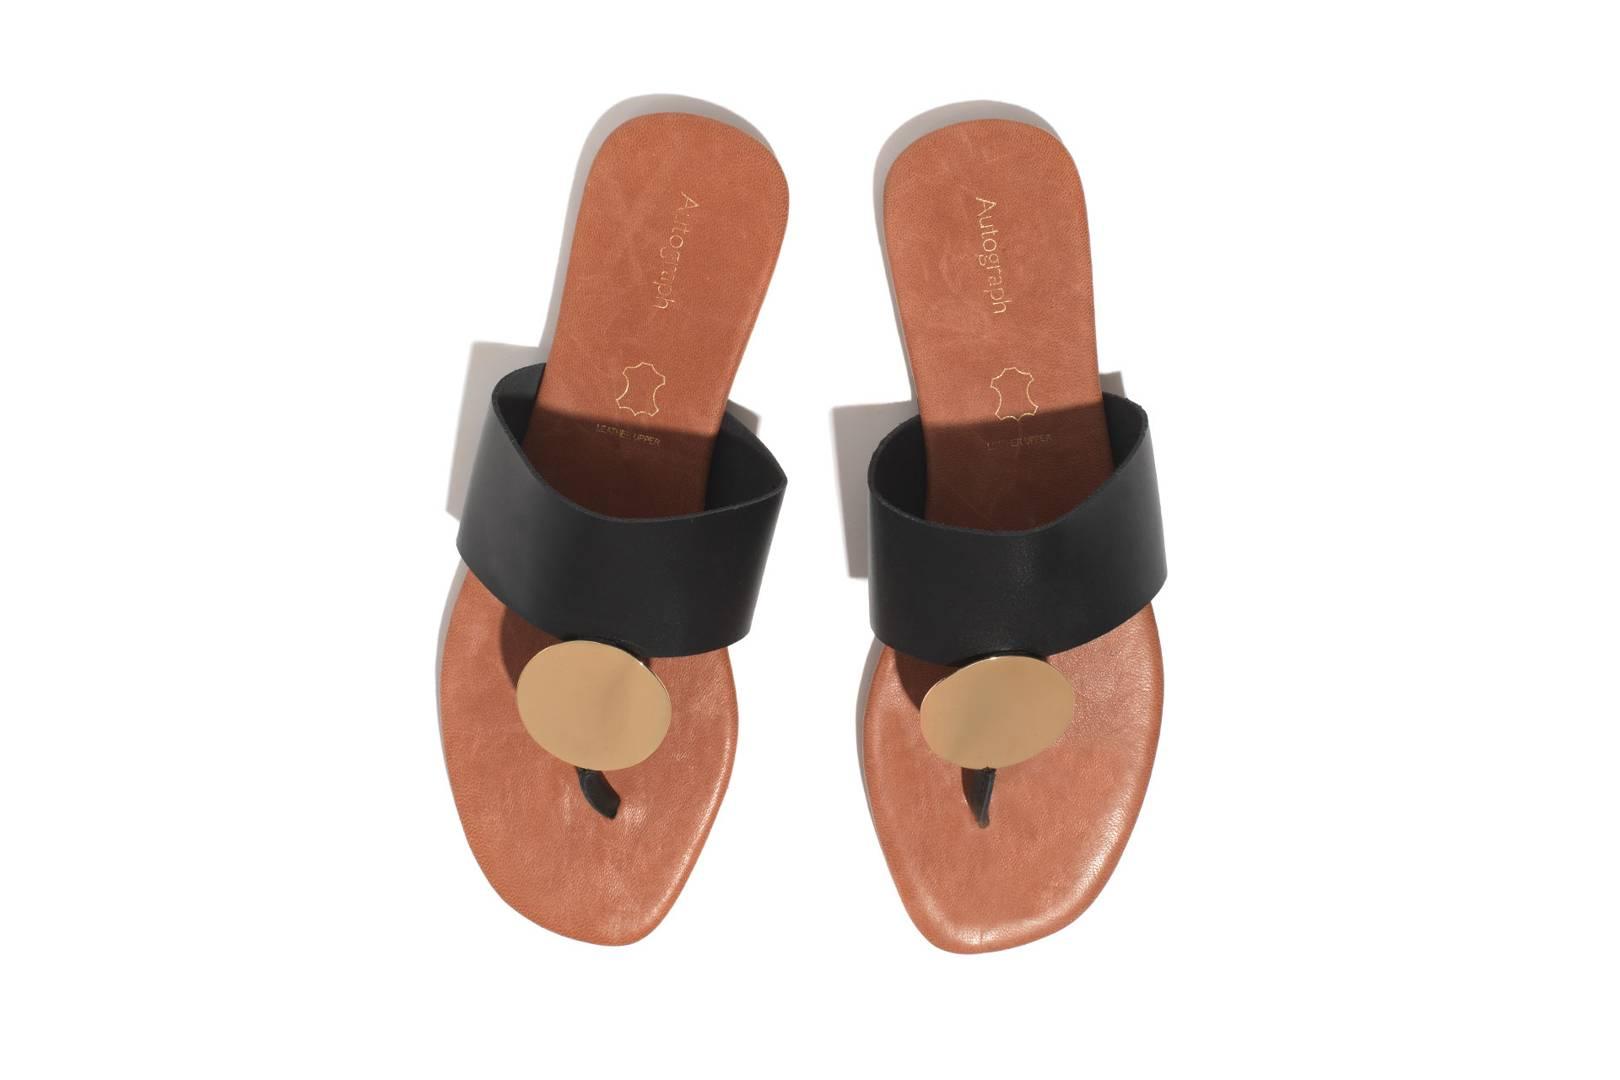 e935438b58dbc Best Summer Sandals 2019: The Vogue Edit | British Vogue